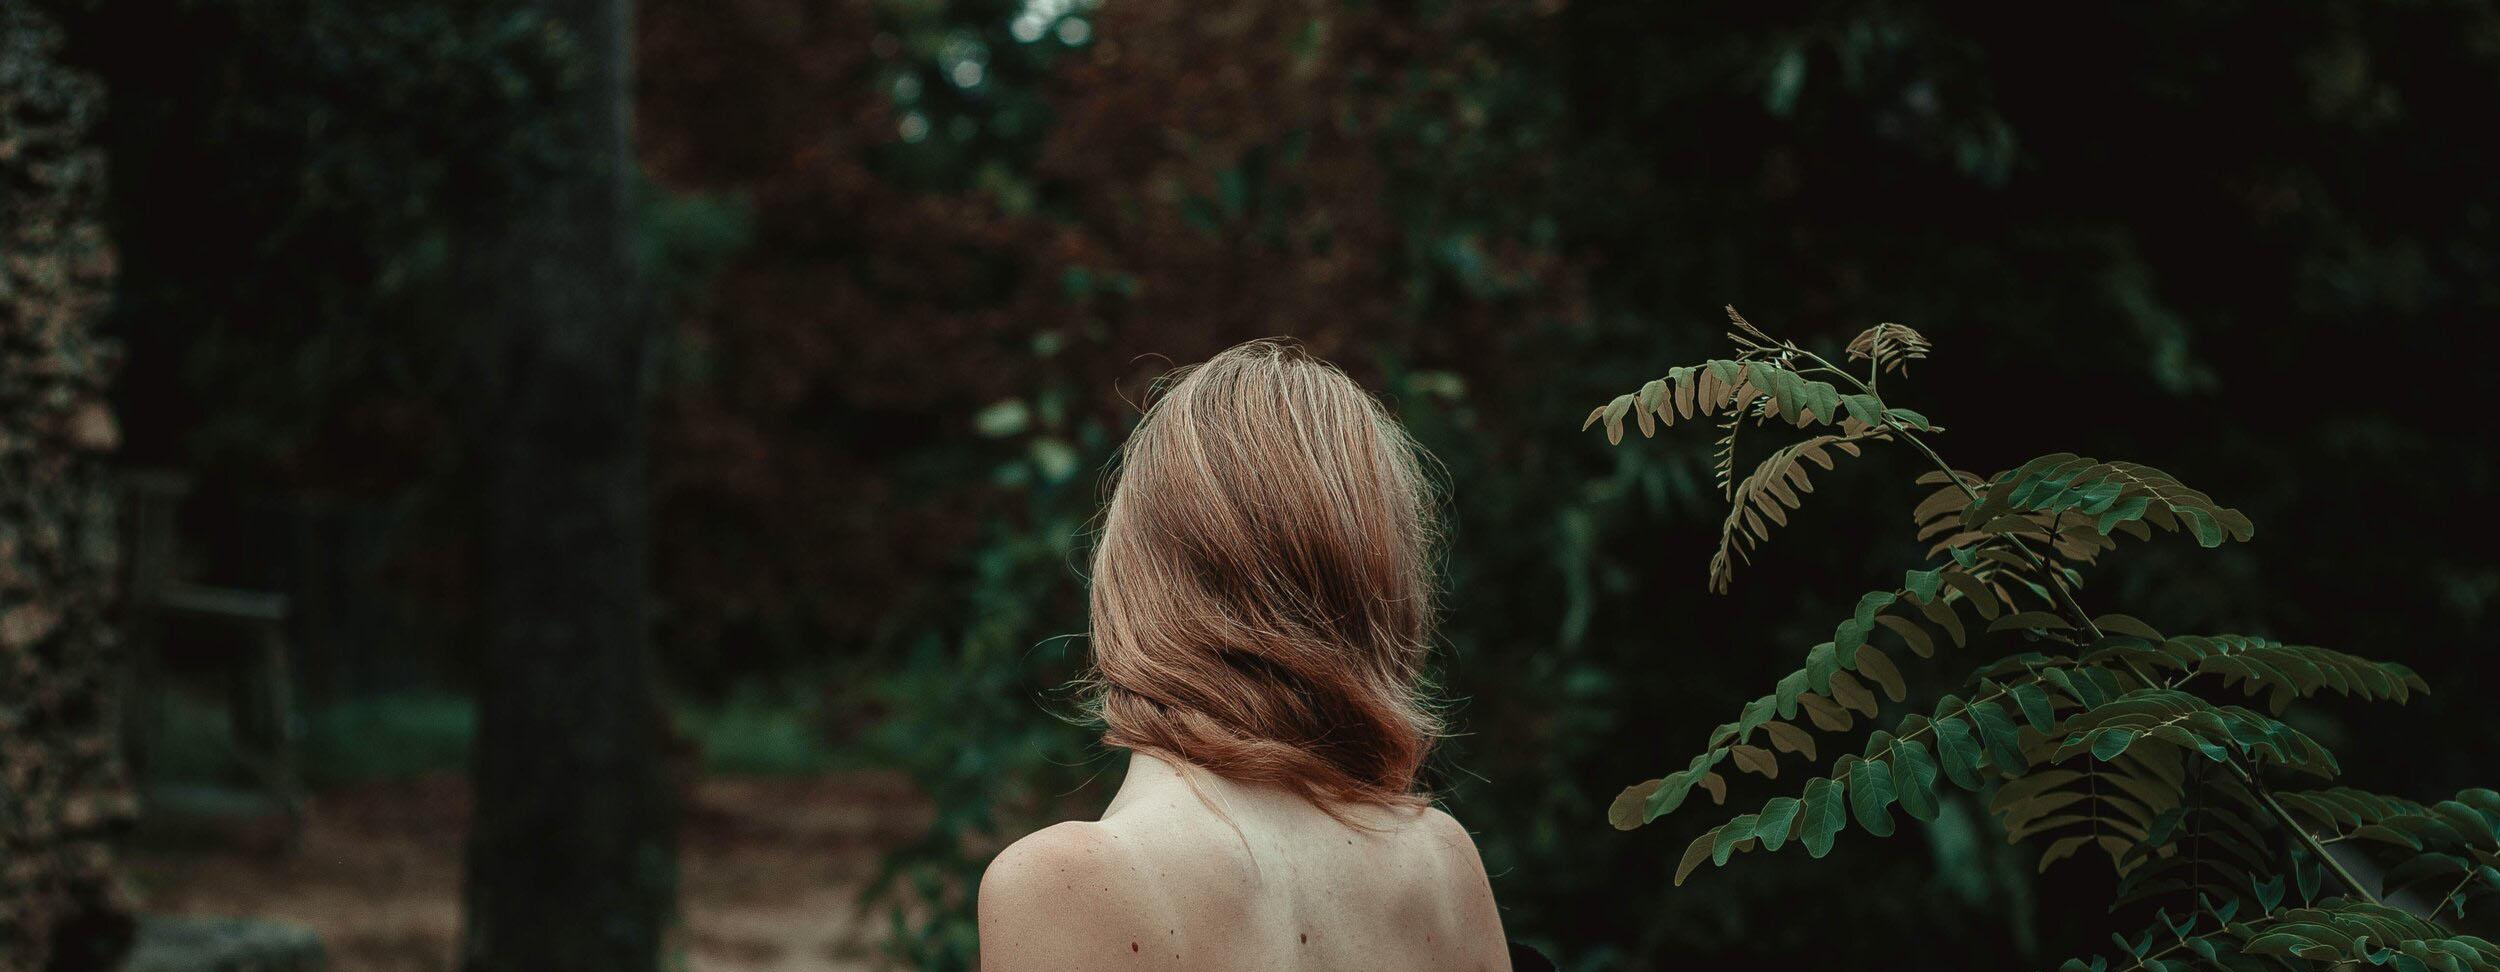 Håskog